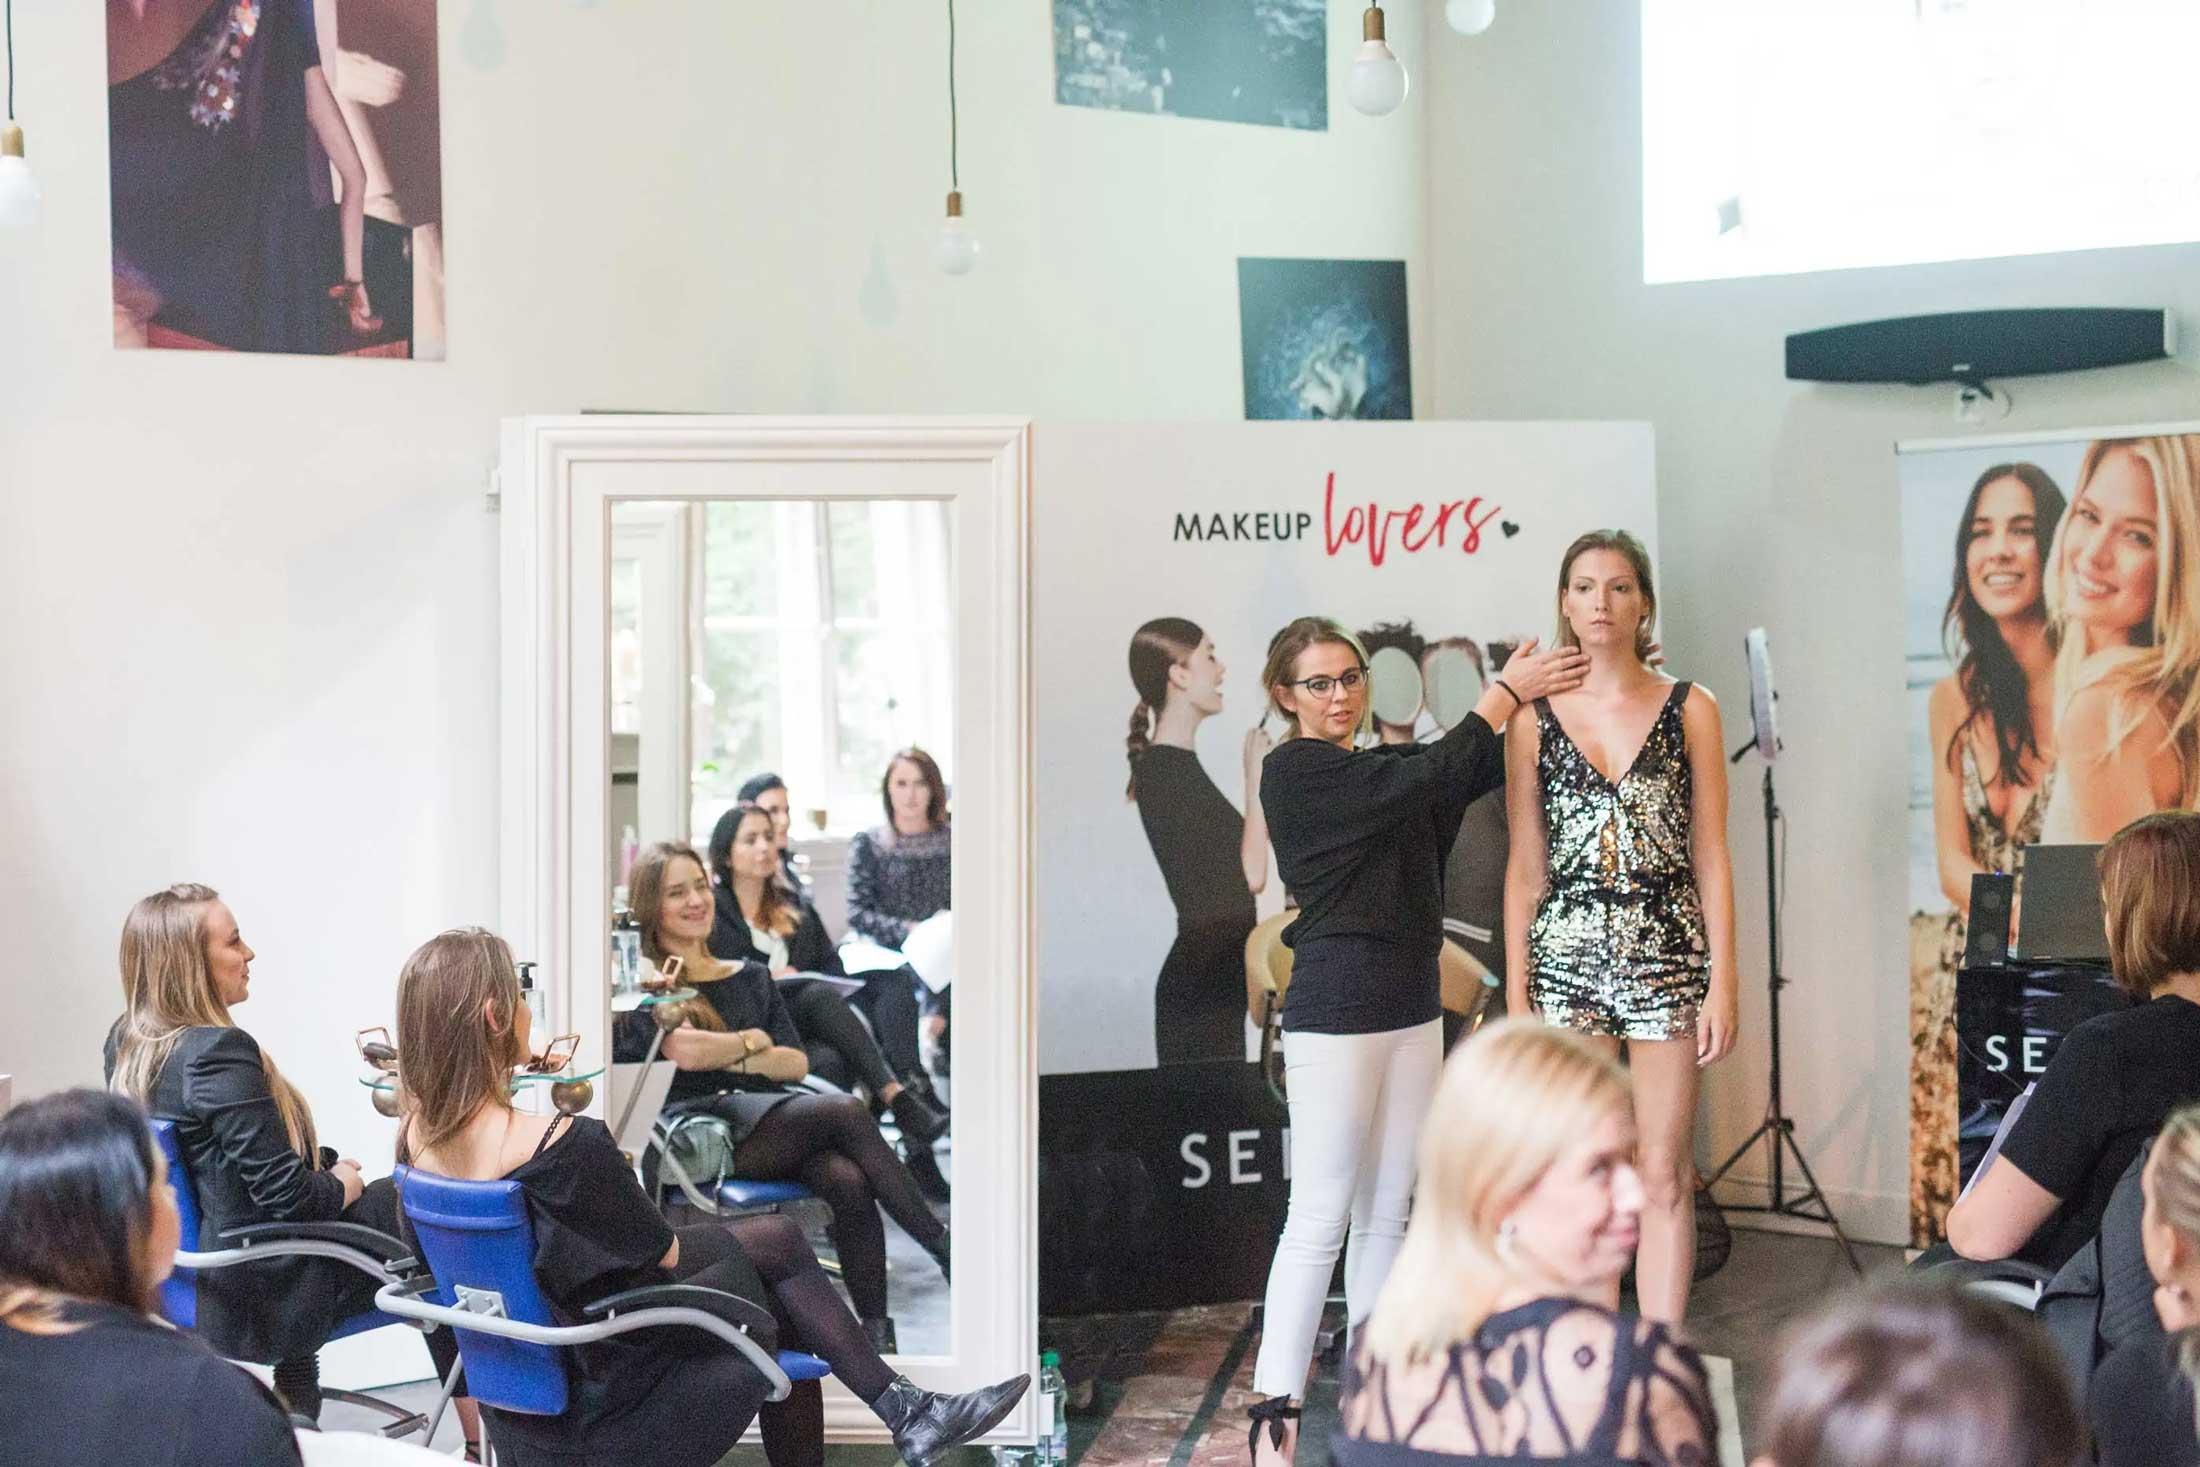 Katarzyna Zielinska prezentuje makijaż rozświetlający na pięknej modelce w krakowie na potzreby szkolenia dla Sephora Polska